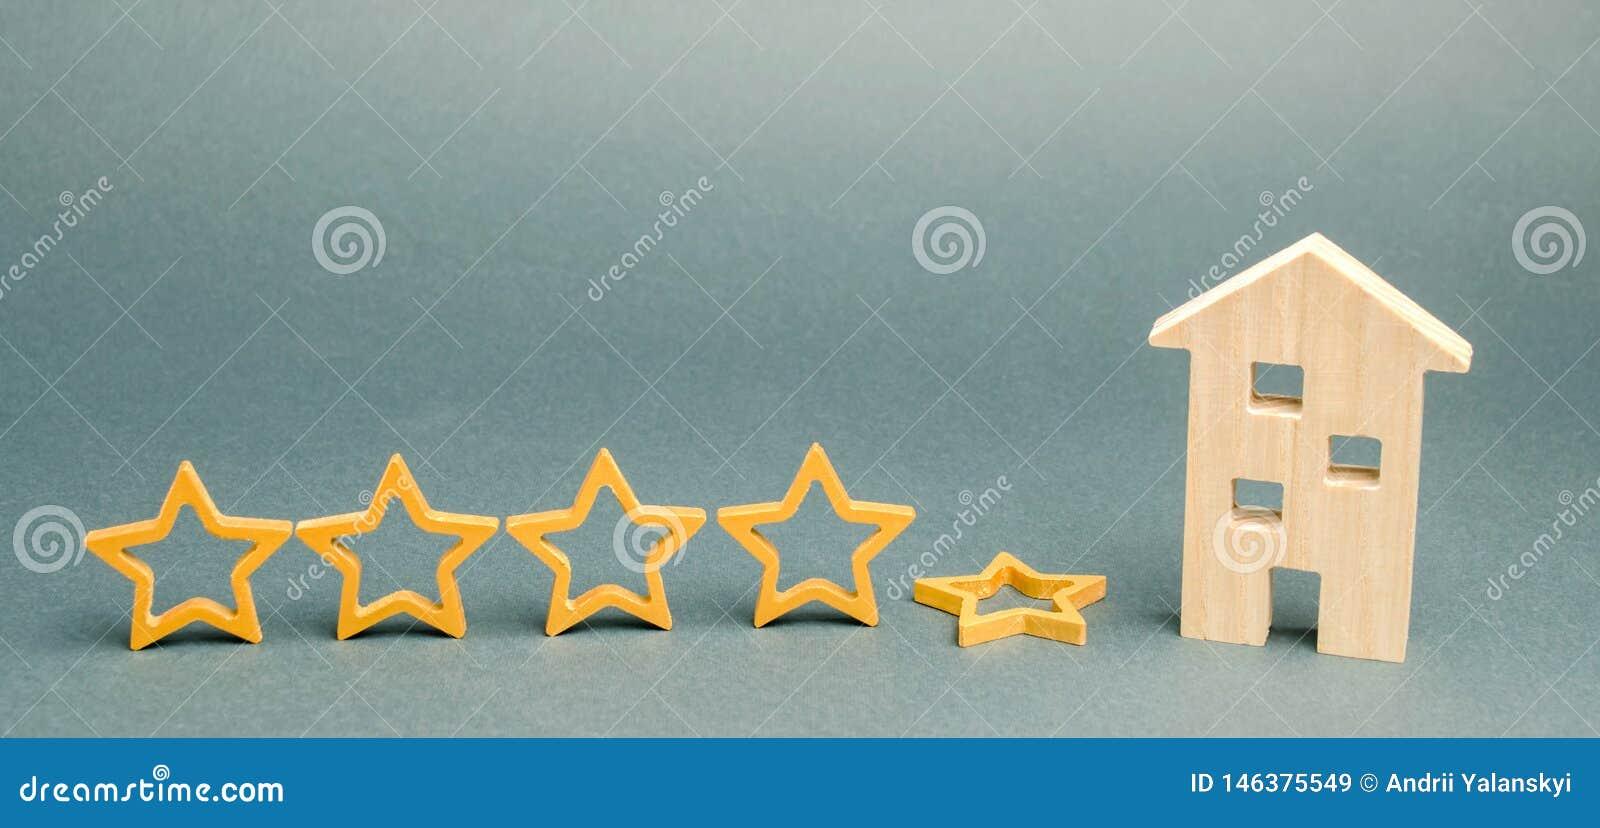 Spadek kwinty gwiazda blisko miniaturowego drewnianego domu Pojęcie spada ratingowa restauracja lub hotel Marnienie w usłudze